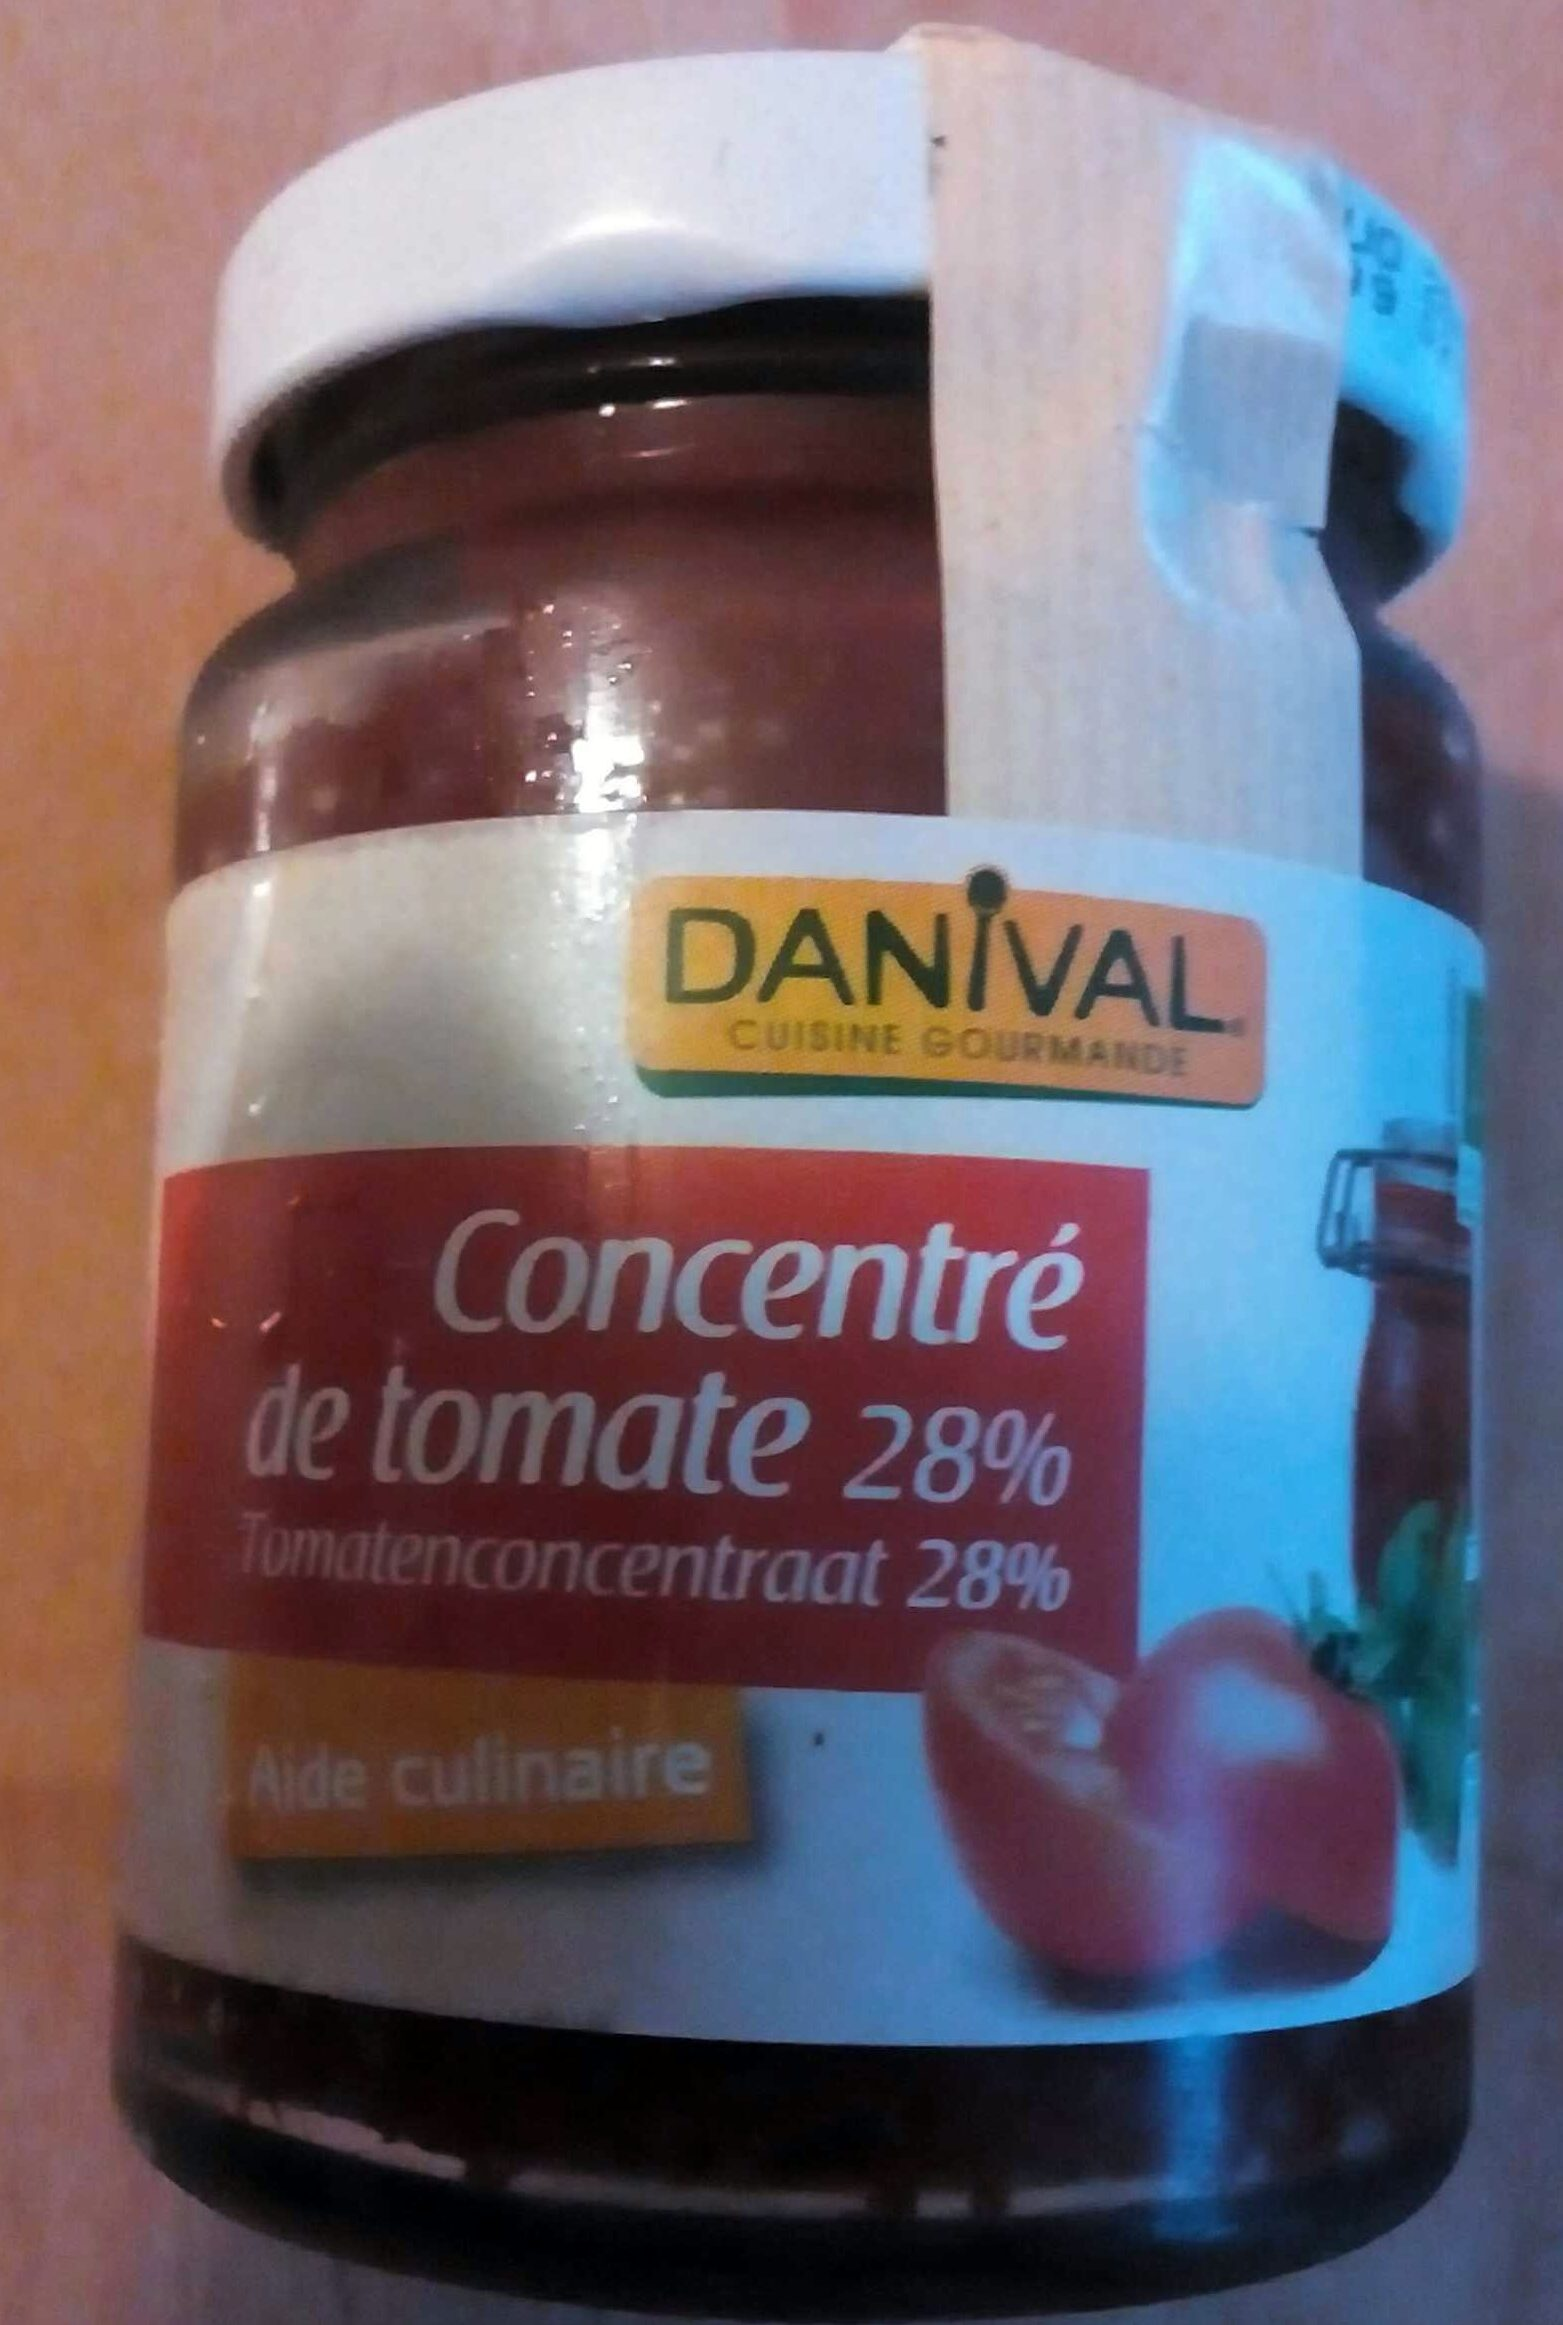 Concentré de tomate 28% - Produit - fr